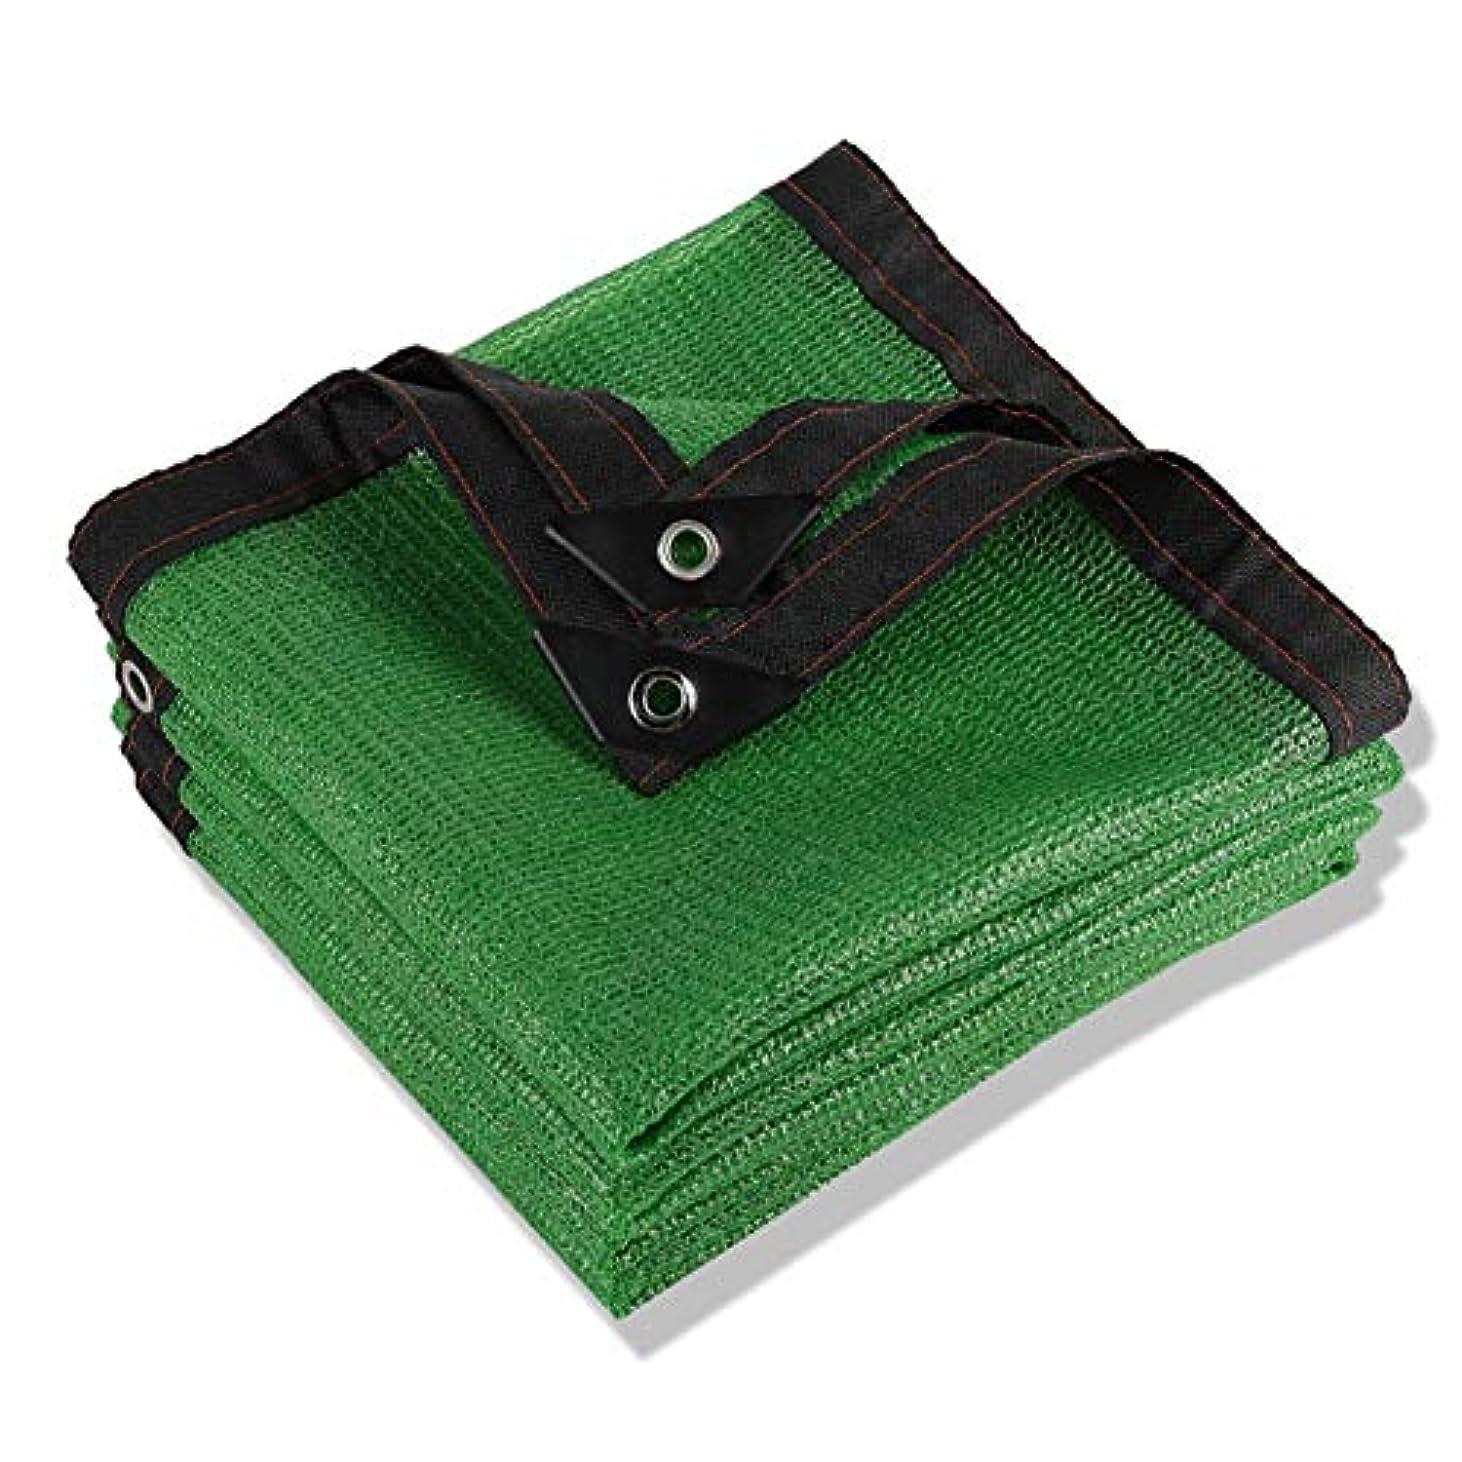 費用キャンパスソロPENGFEI オーニングシェード遮光ネット 園芸 工場 断熱材 通気性 暗号化 複数のサイズ (Color : Green, Size : 2x4m)